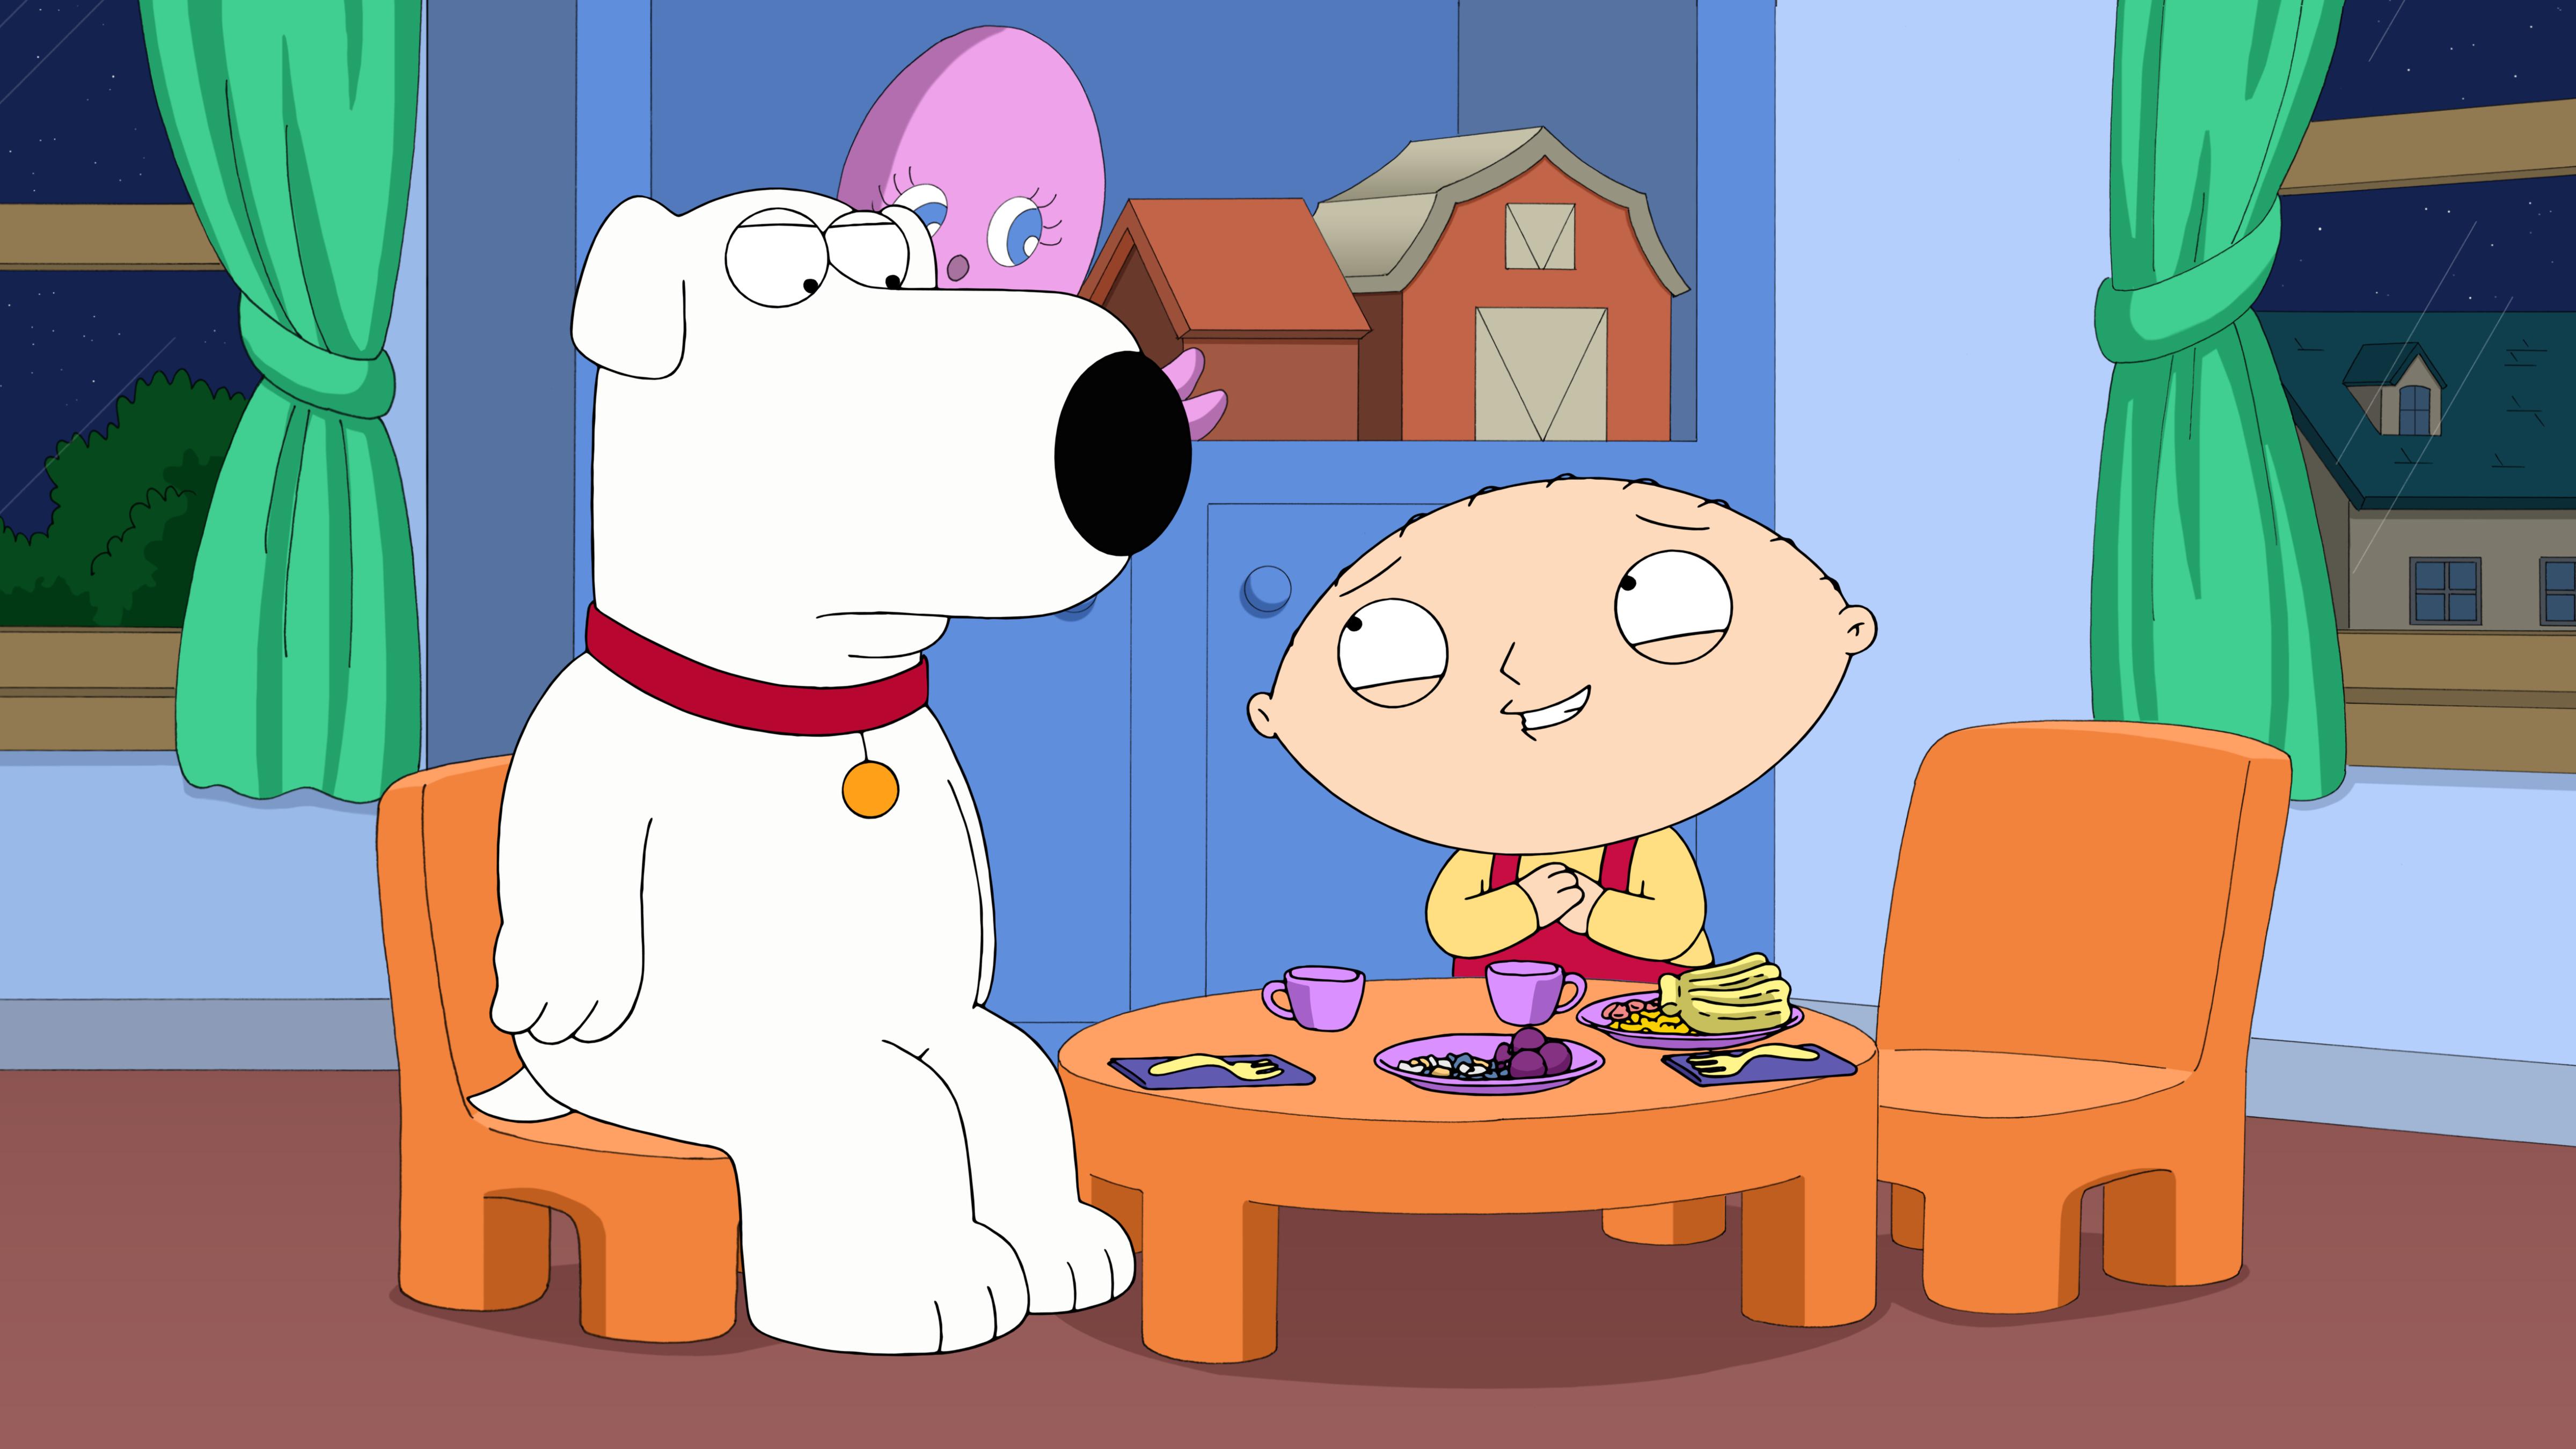 stewie is enceinte | family guy wiki | fandom poweredwikia